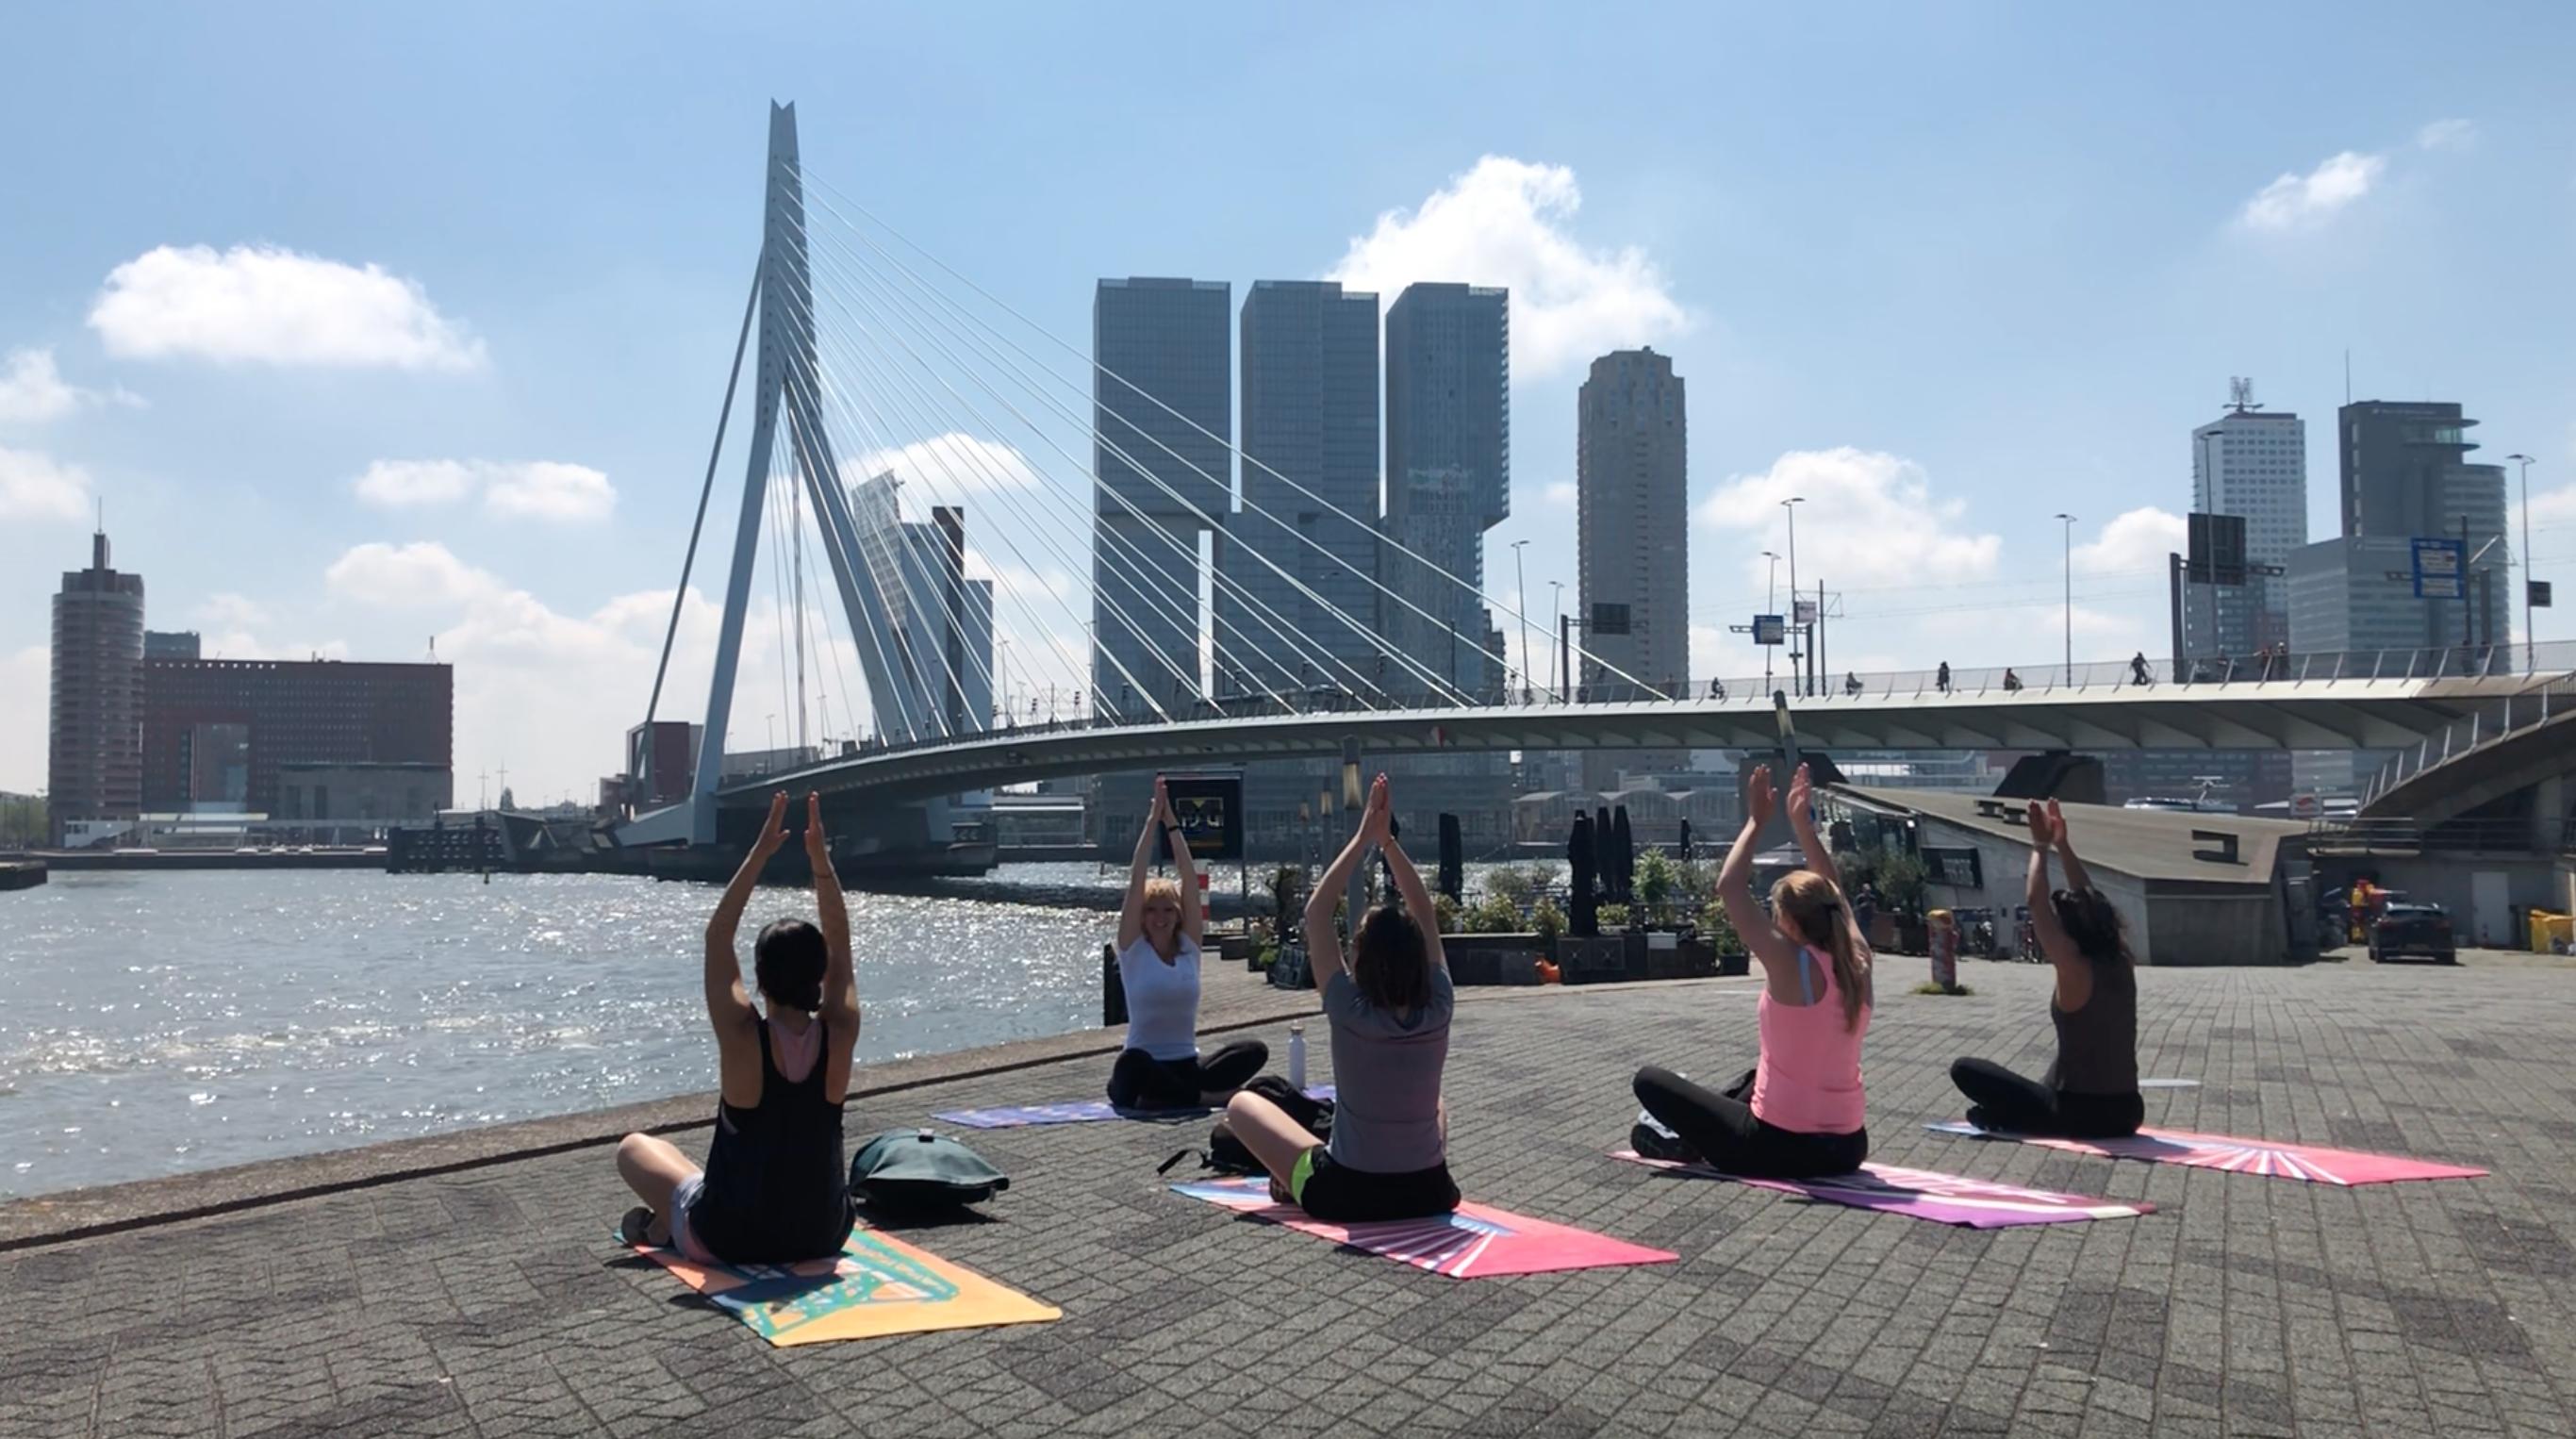 Rotterdamse ondernemers slaan handen en organiseren een sportieve wandeling langs de iconische bruggen